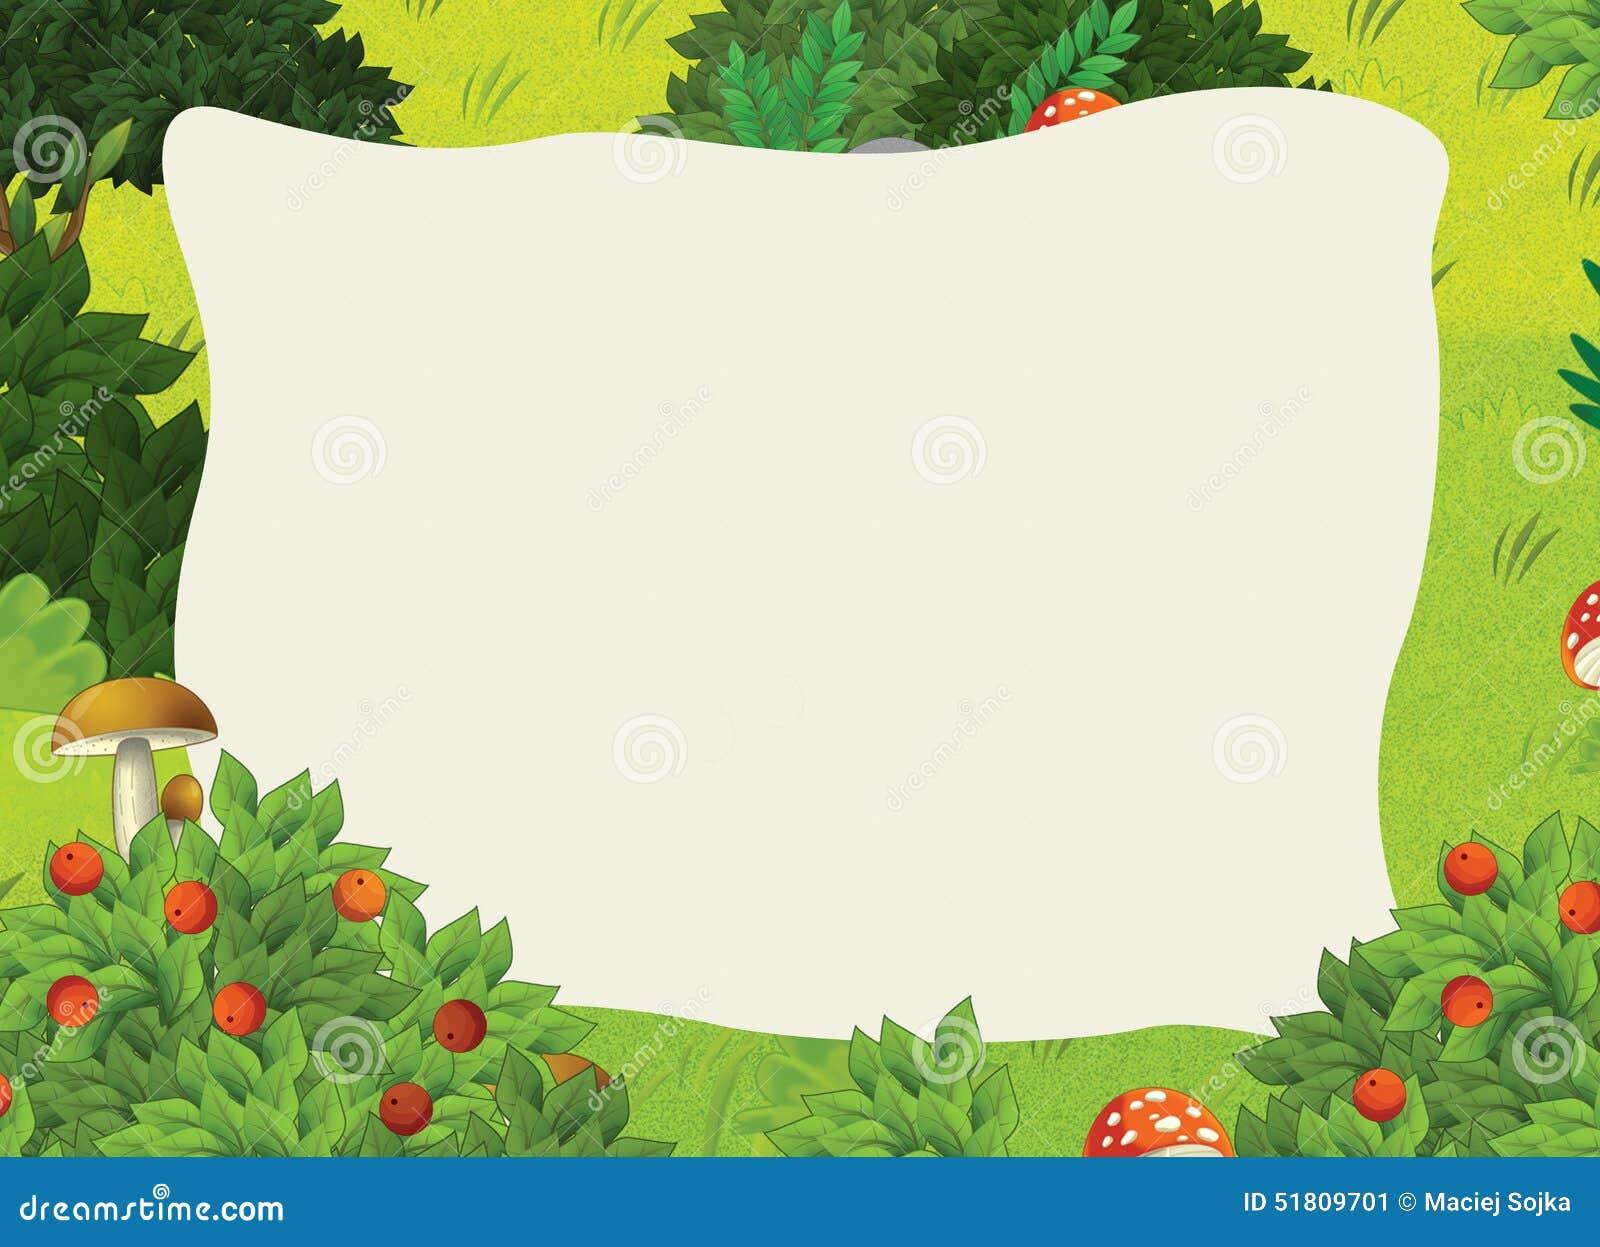 Cartoon Frame Scene - Forest Stock Illustration ...